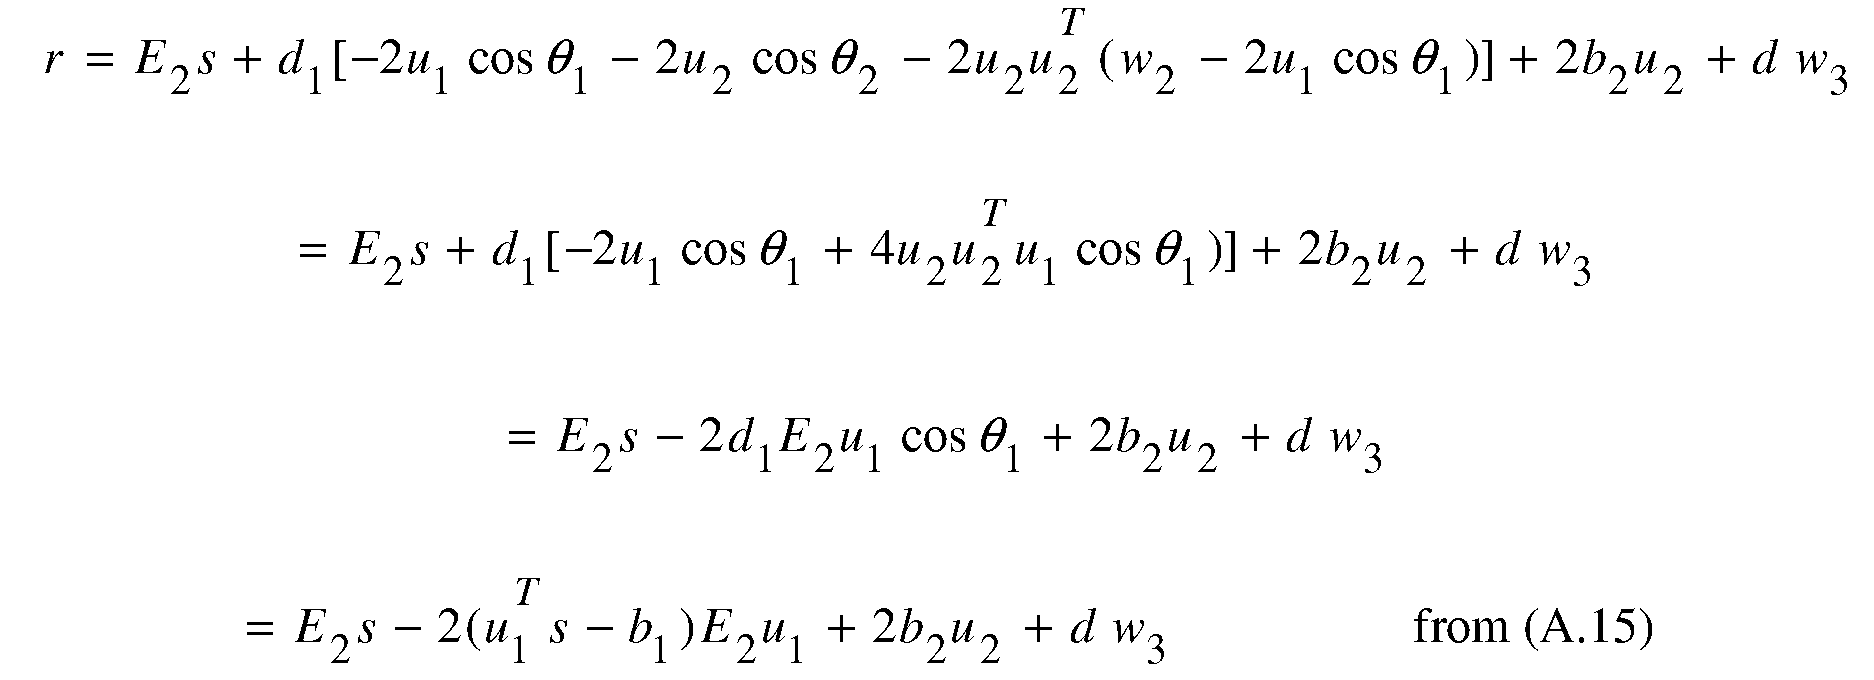 Figure imgf000042_0007